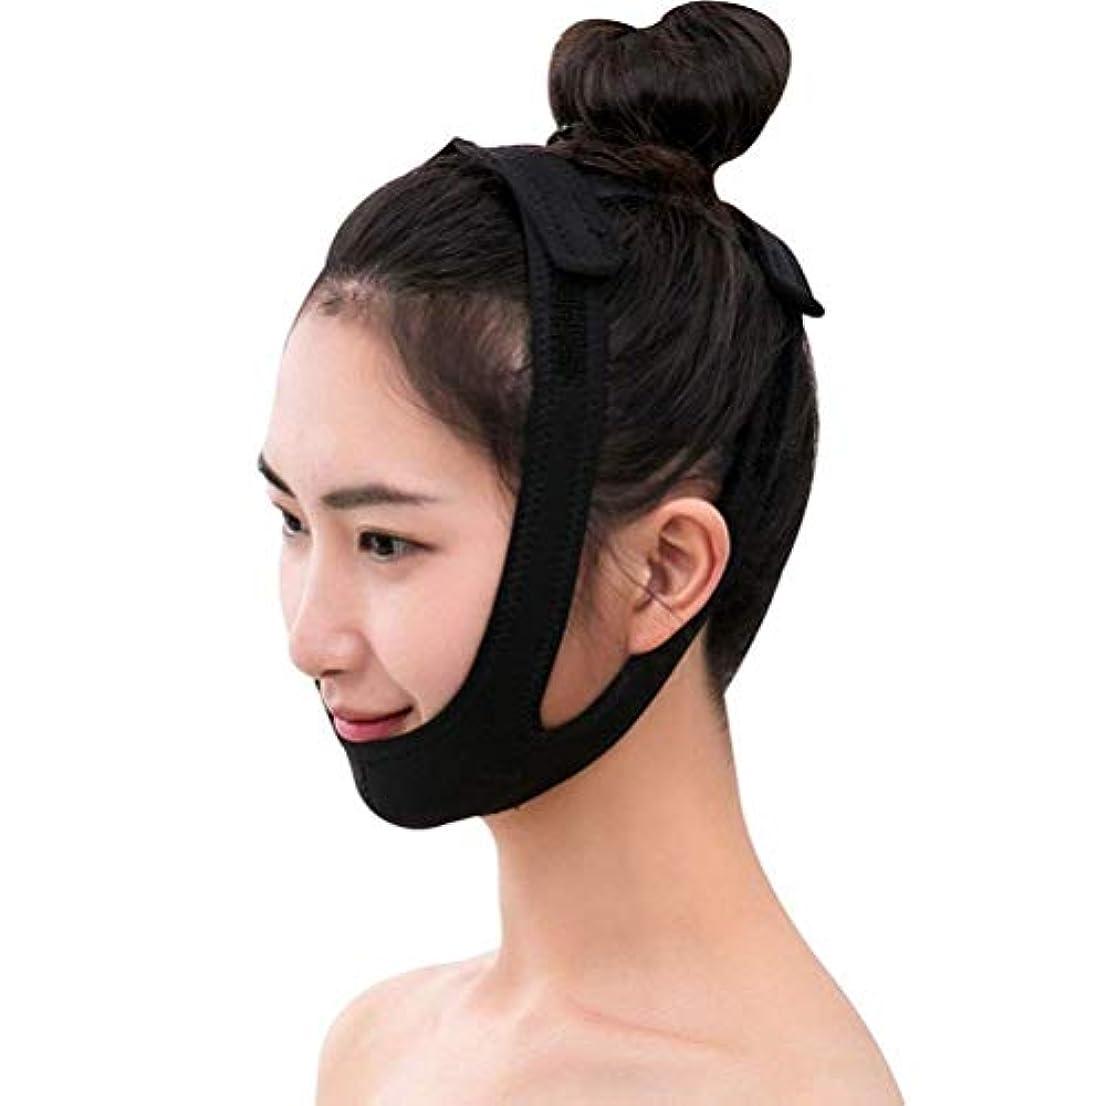 精巧な散らす言い訳フェイスリフティングマスク、フェイスリフティング包帯V字型マスク/整形およびリフト/二重あごベルト/美容マスクフェイスリフト/縮小二重あご包帯/顔面矯正ベルト